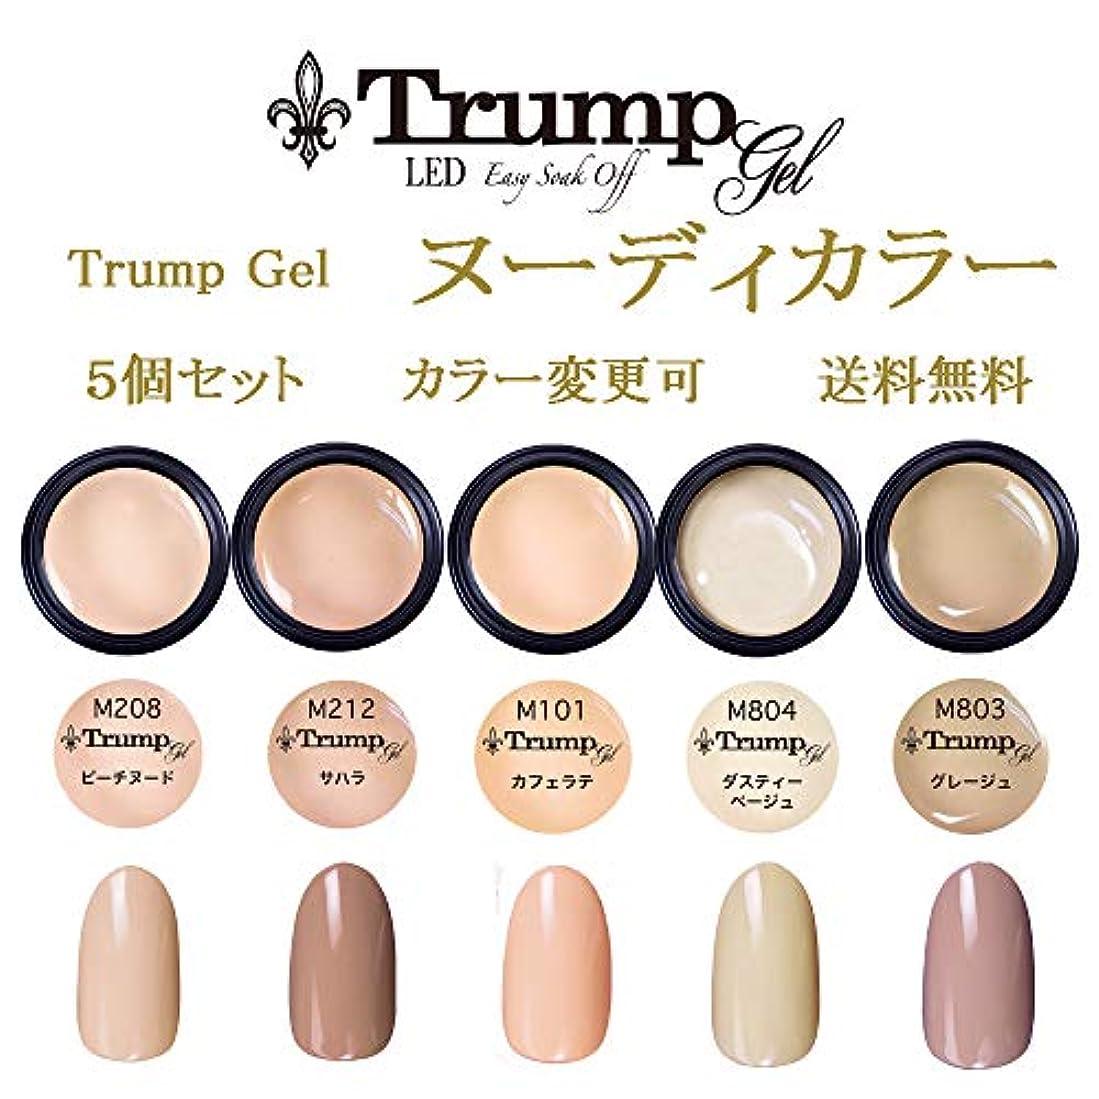 盆防止コピー日本製 Trump gel トランプジェル ヌーディカラー 選べる カラージェル 5個セット ベージュ ブラウン ピンク